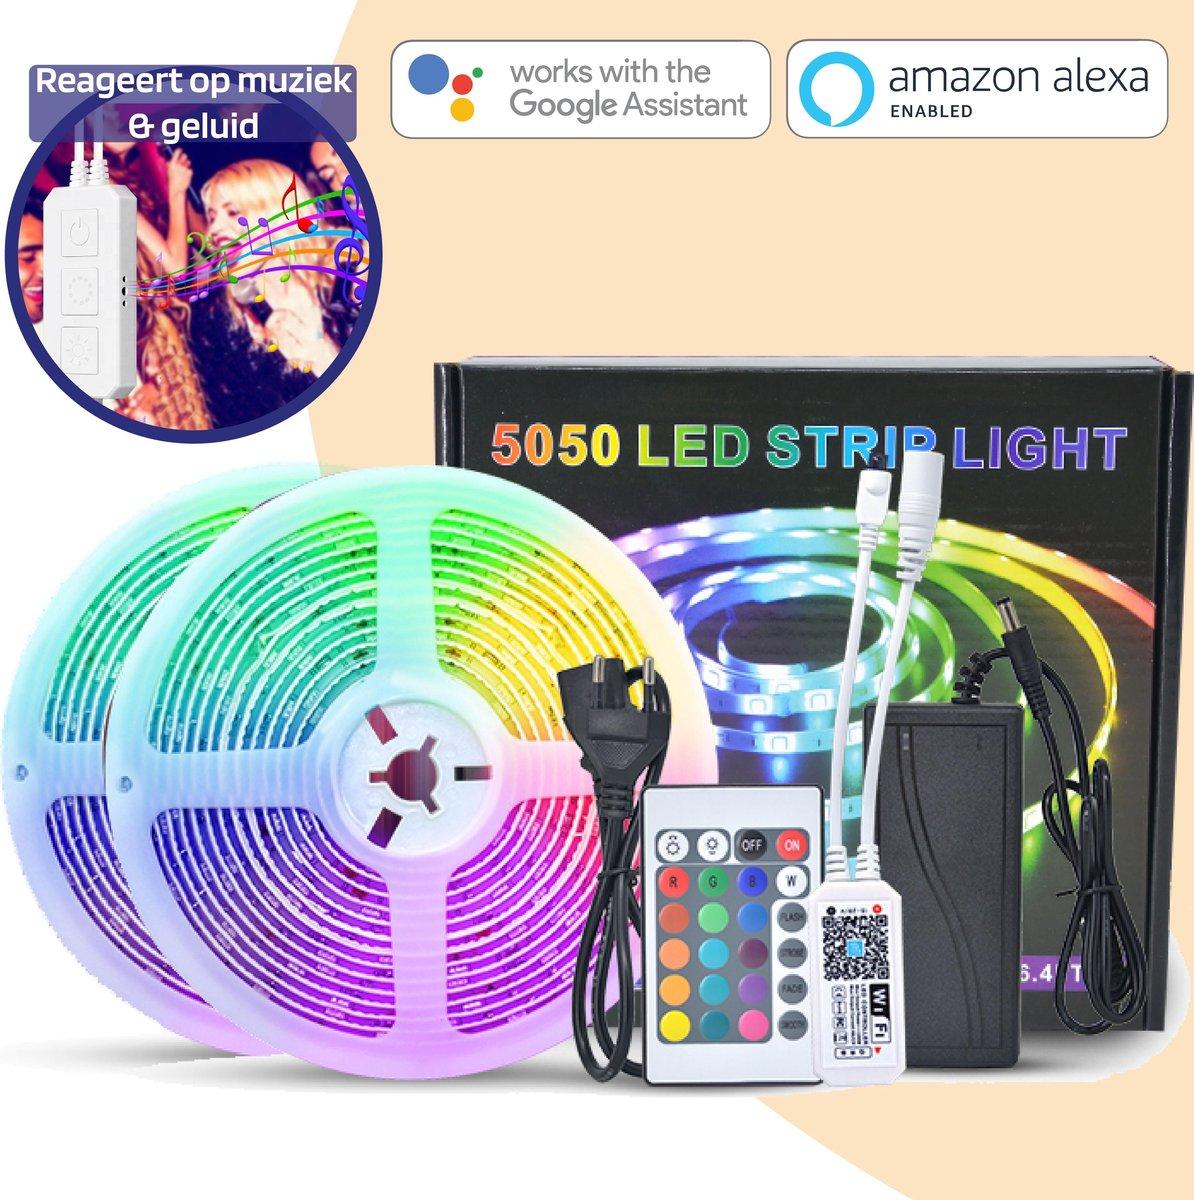 Smart Led Strip 10 Meter - Ledstrip - Led Strips - Werkt met Google Home en Alexa - Ledstrips - Smart Lamp - Lichtstrip - Met Afstandsbediening en App